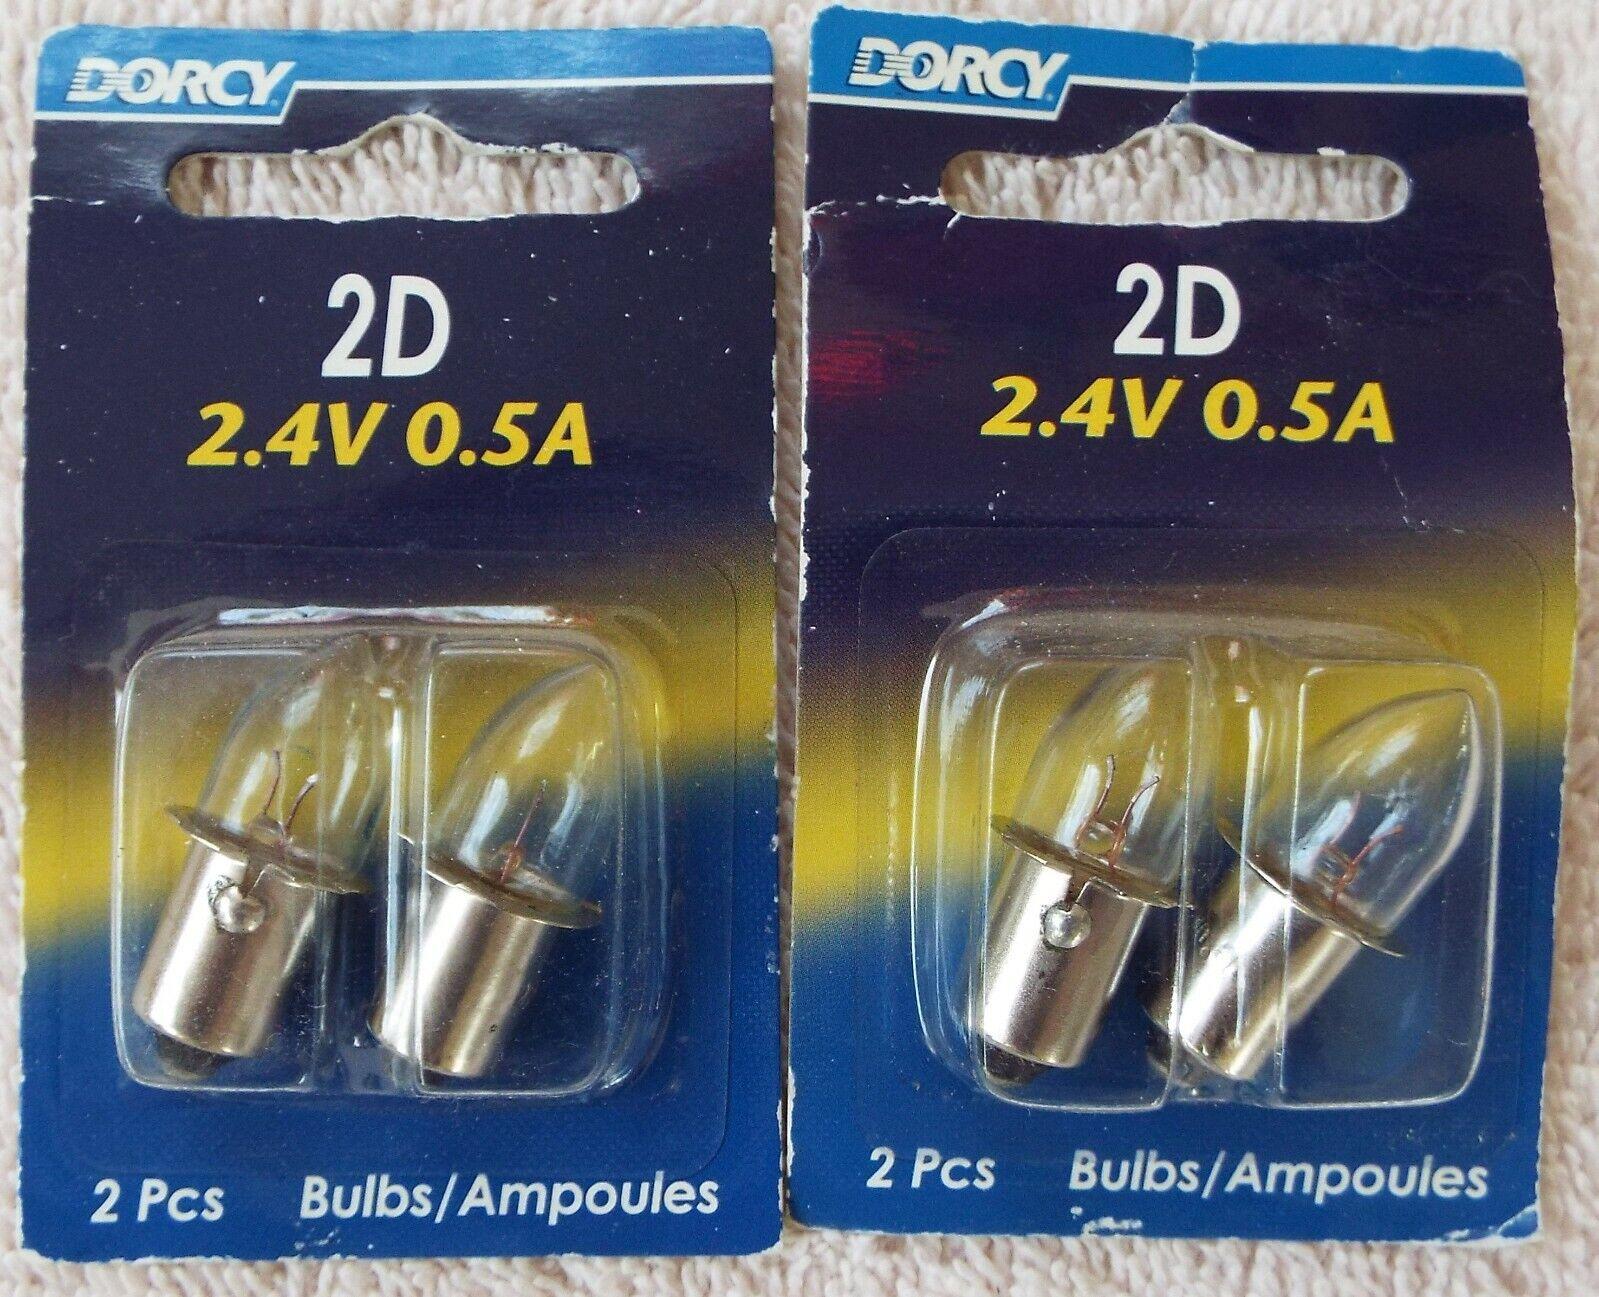 Dorcy 2D Bulbs 2.4V 0.5A 41-1002 Two packs of 2 bulbs